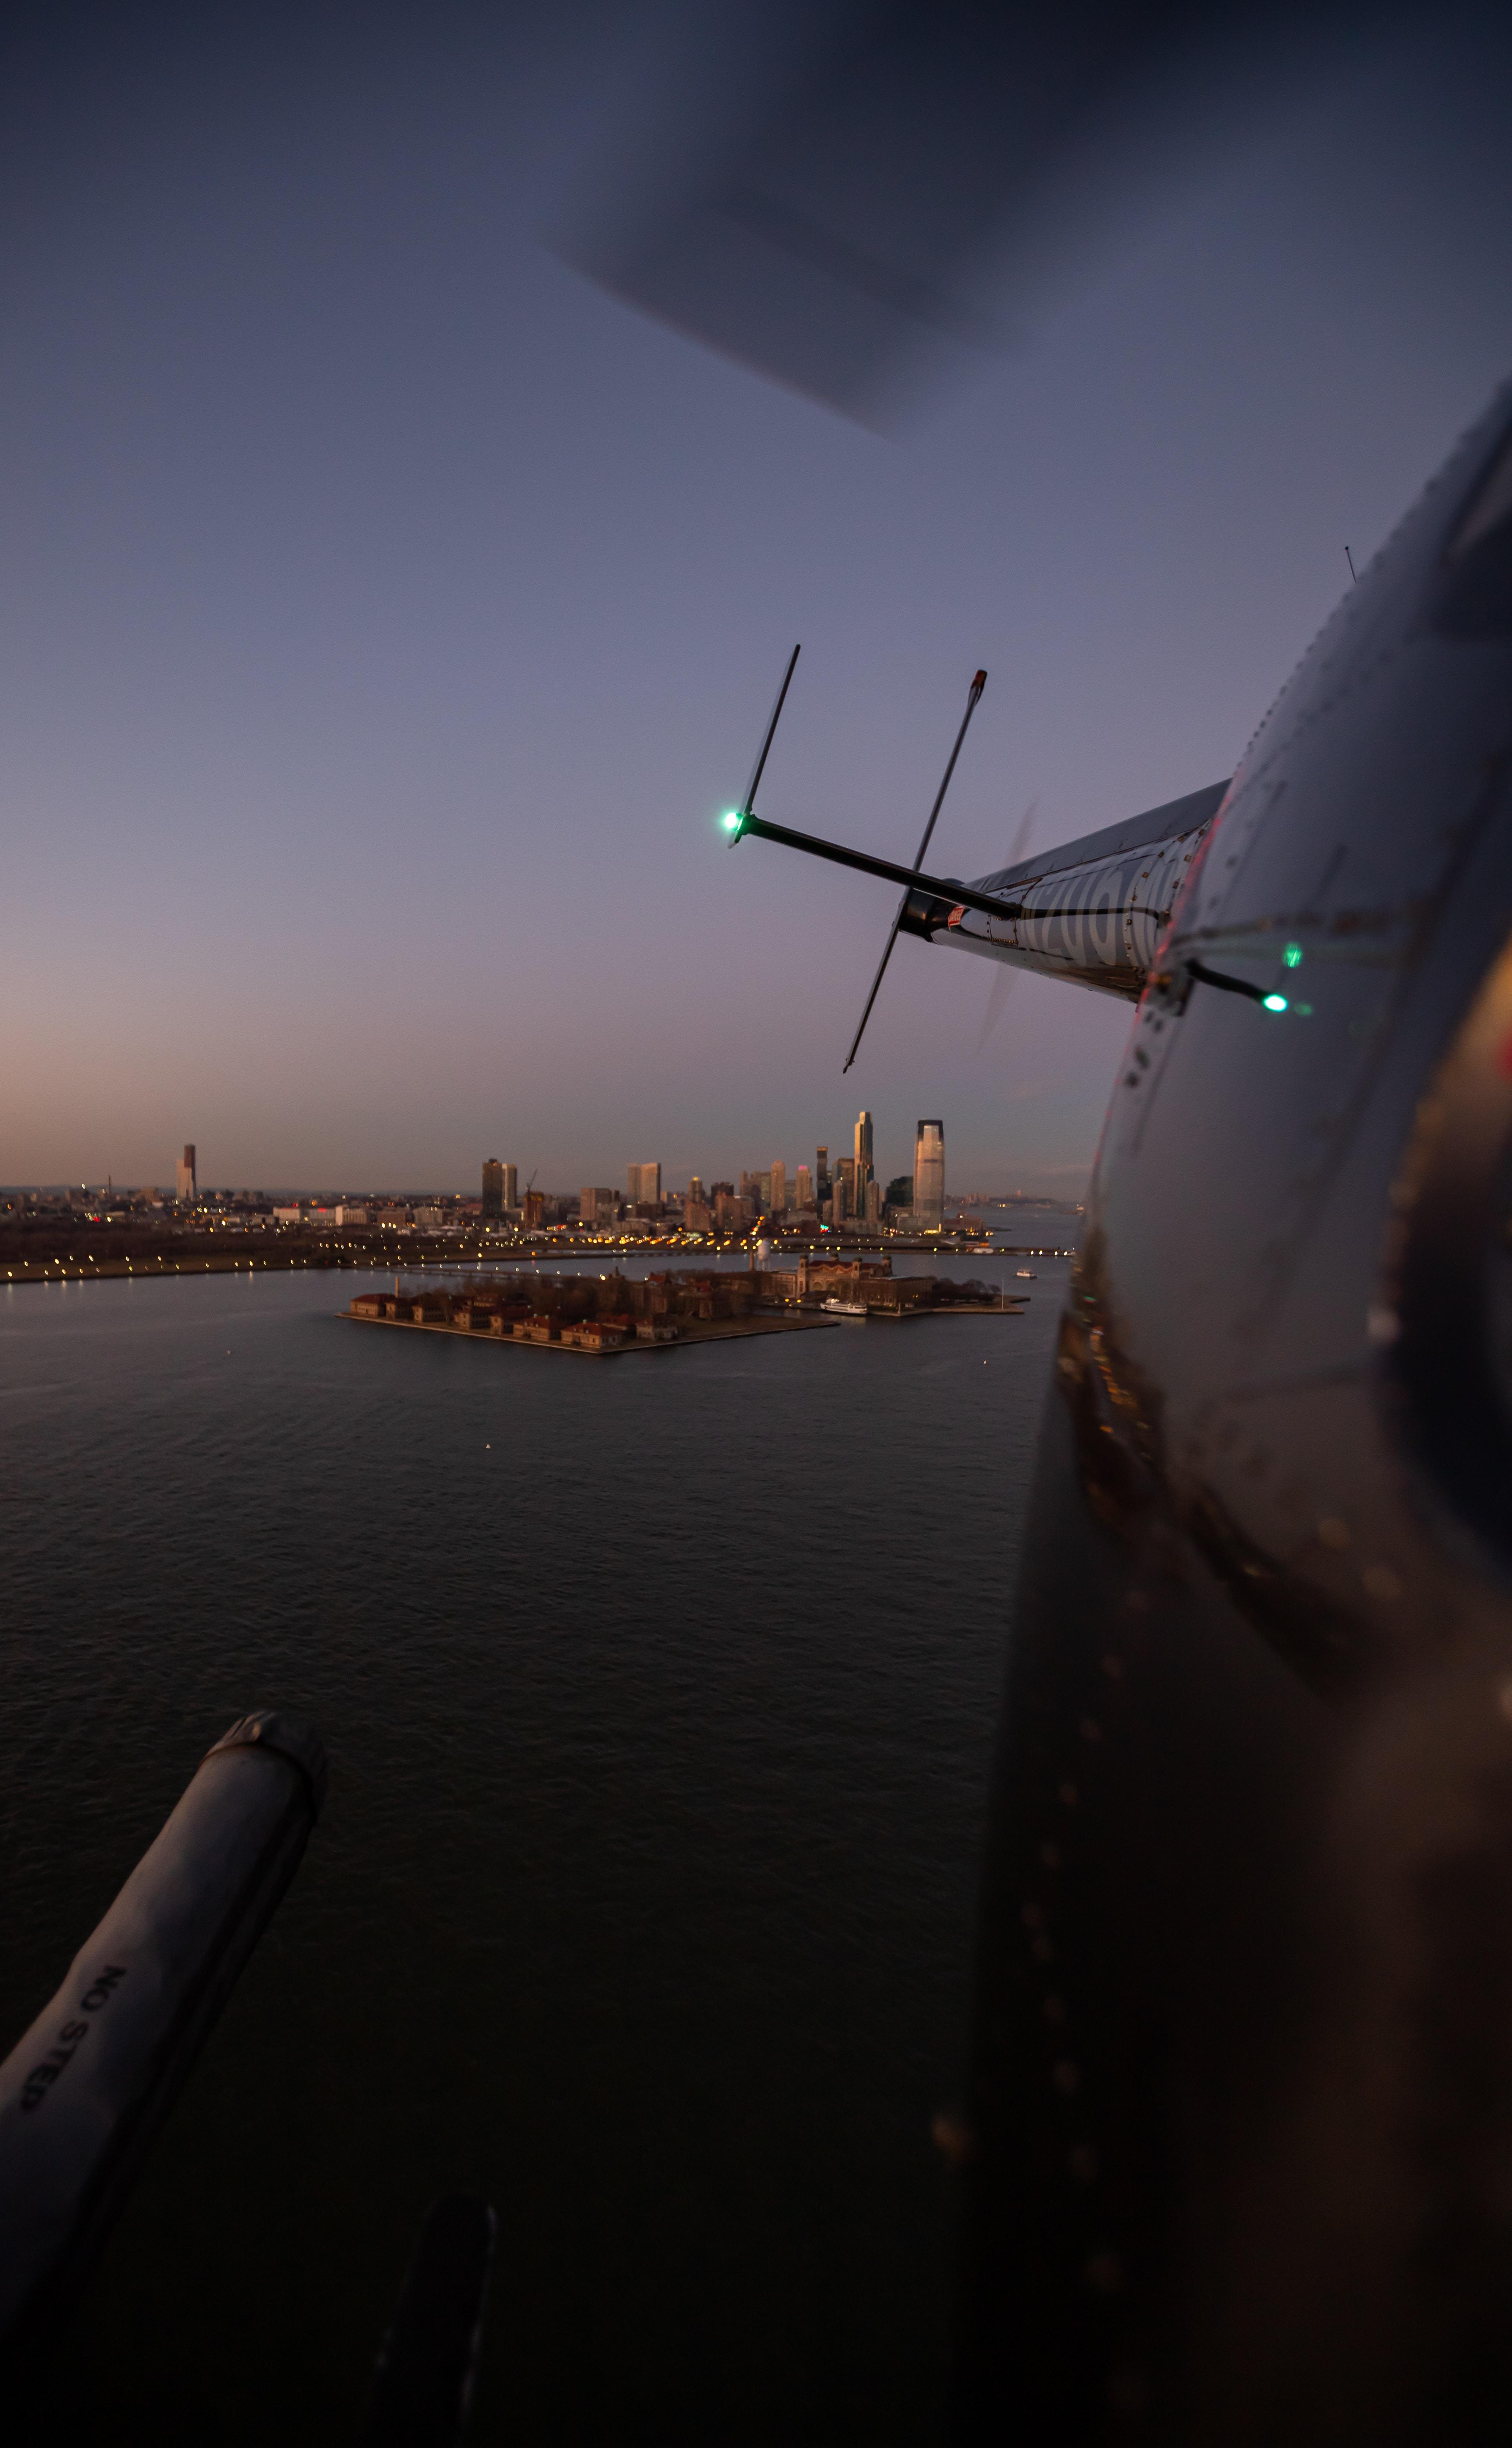 151248 Hintergrundbild herunterladen Hubschrauber, Stadt, Gebäude, Blick Von Oben, Verschiedenes, Sonstige, Die Insel, Insel - Bildschirmschoner und Bilder kostenlos